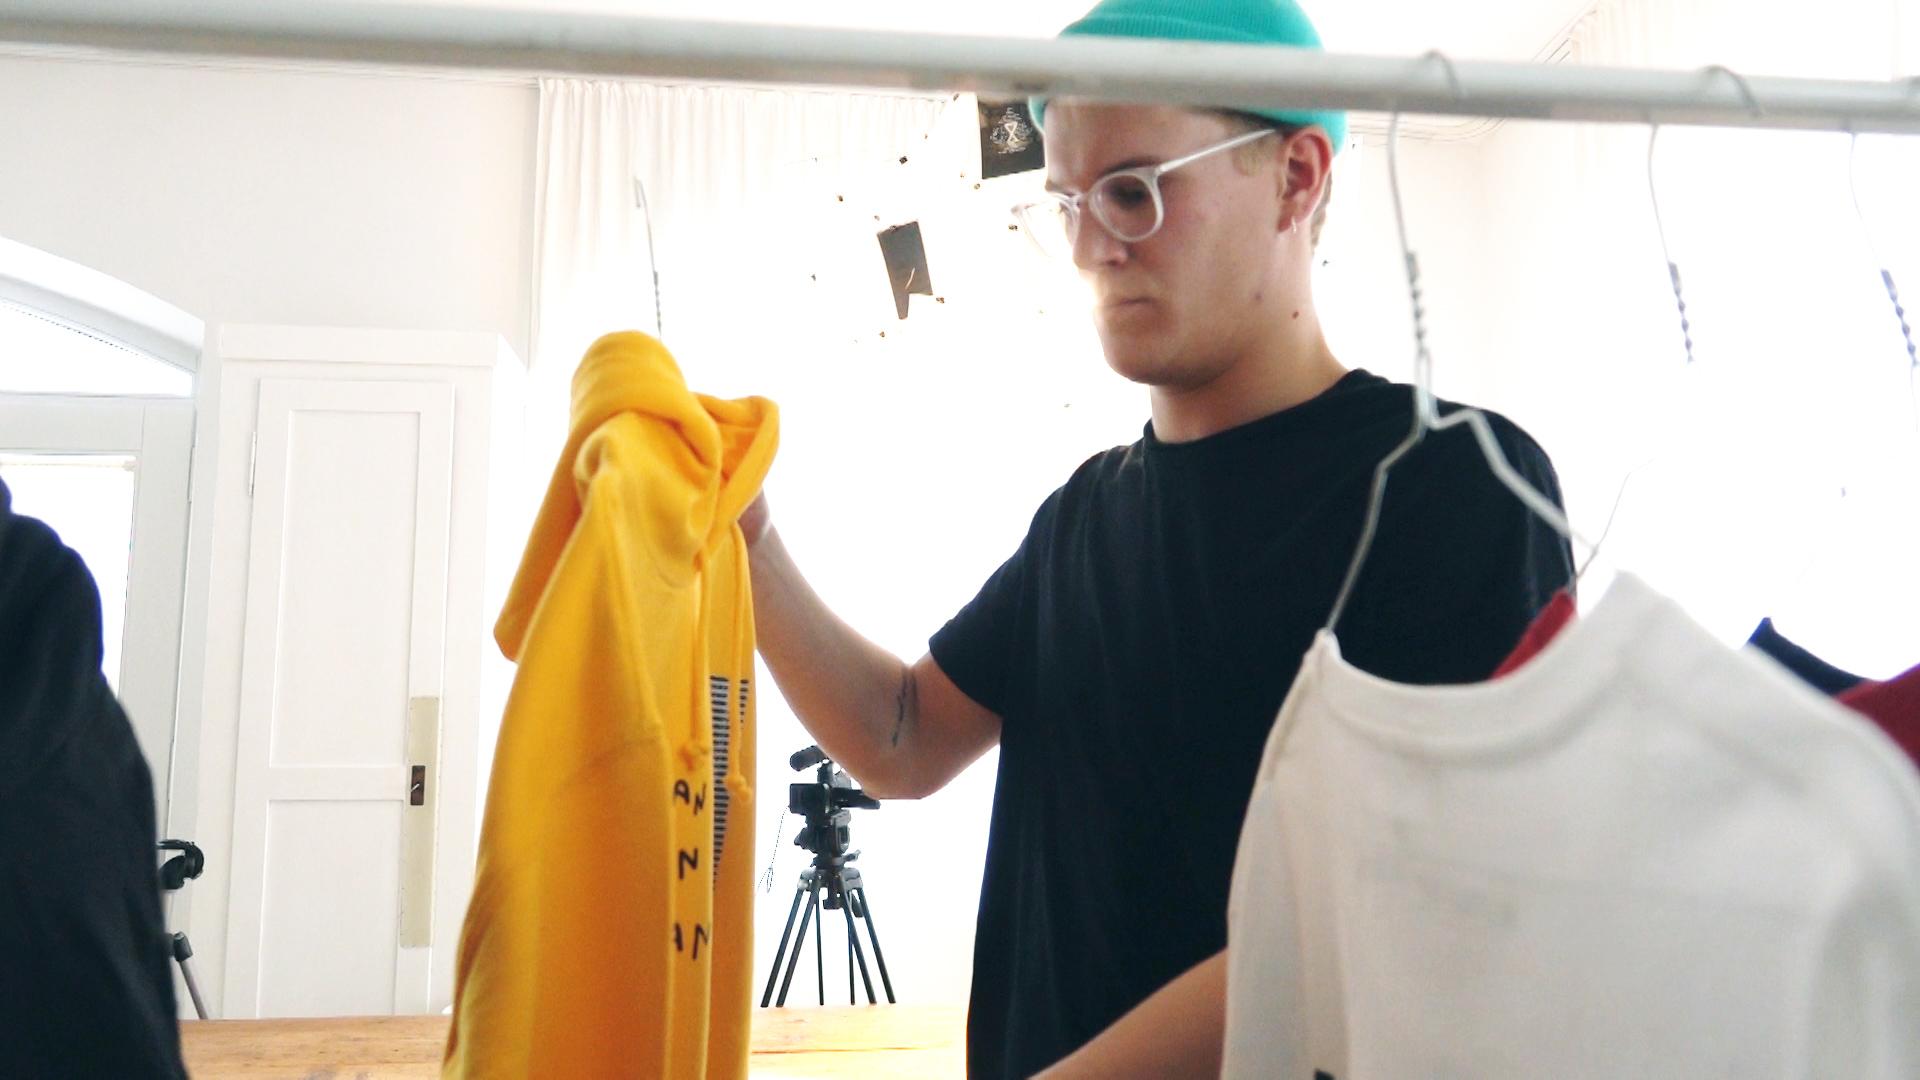 """22 Jahre und schon ein eigenes Mode-Label: Peter Ronsdorf macht unter dem Namen """"Bubbelgum Studios"""" christliche Mode"""